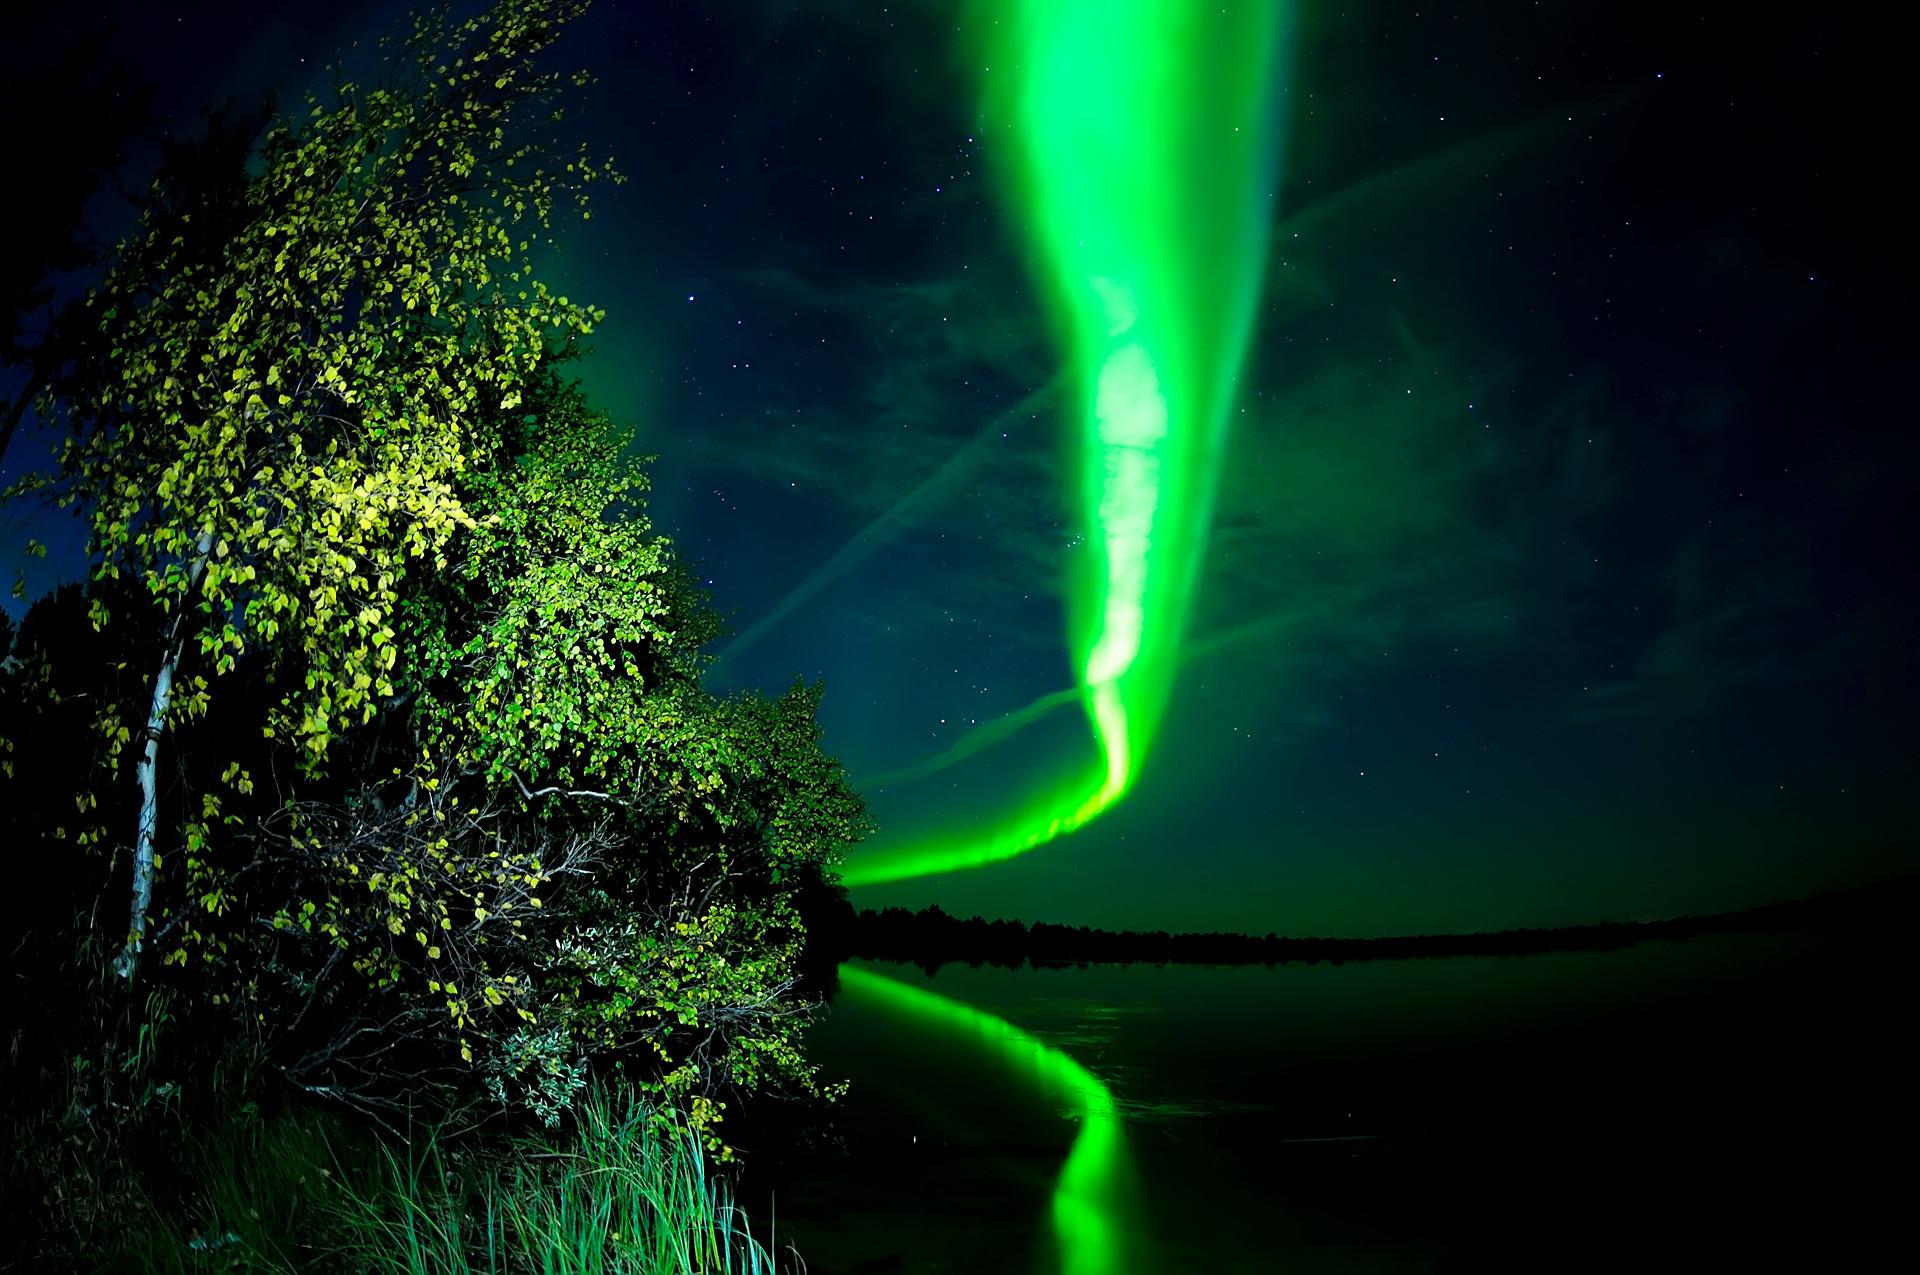 Polarna svjetlost s odrazom u jezeru, Narjan-Mar.